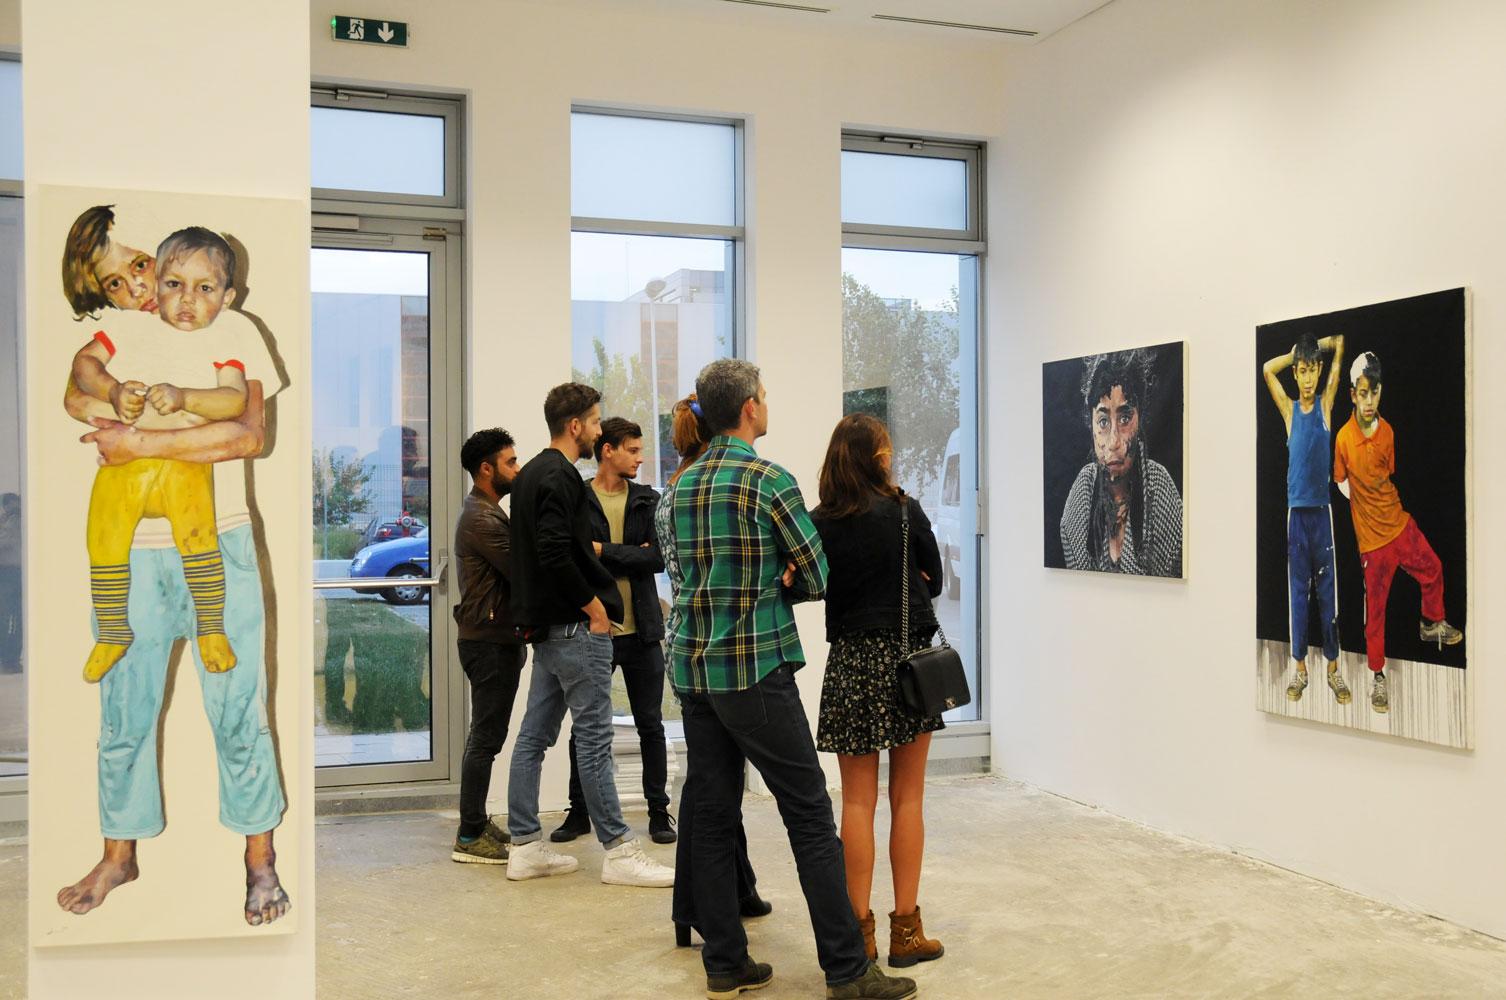 Daniel Brici, solo show Copiii care nu se vad @ Nasui collection & gallery Bucuresti (15)